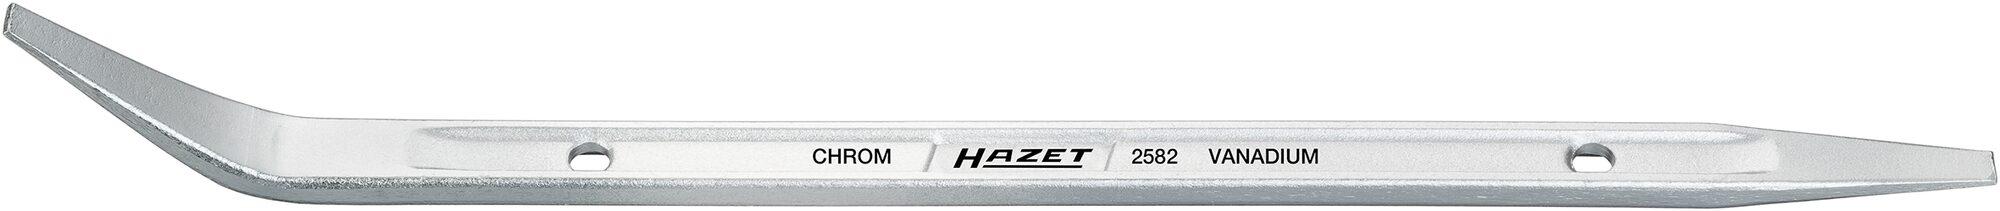 HAZET Bremsen-Nachstellhebel 2582